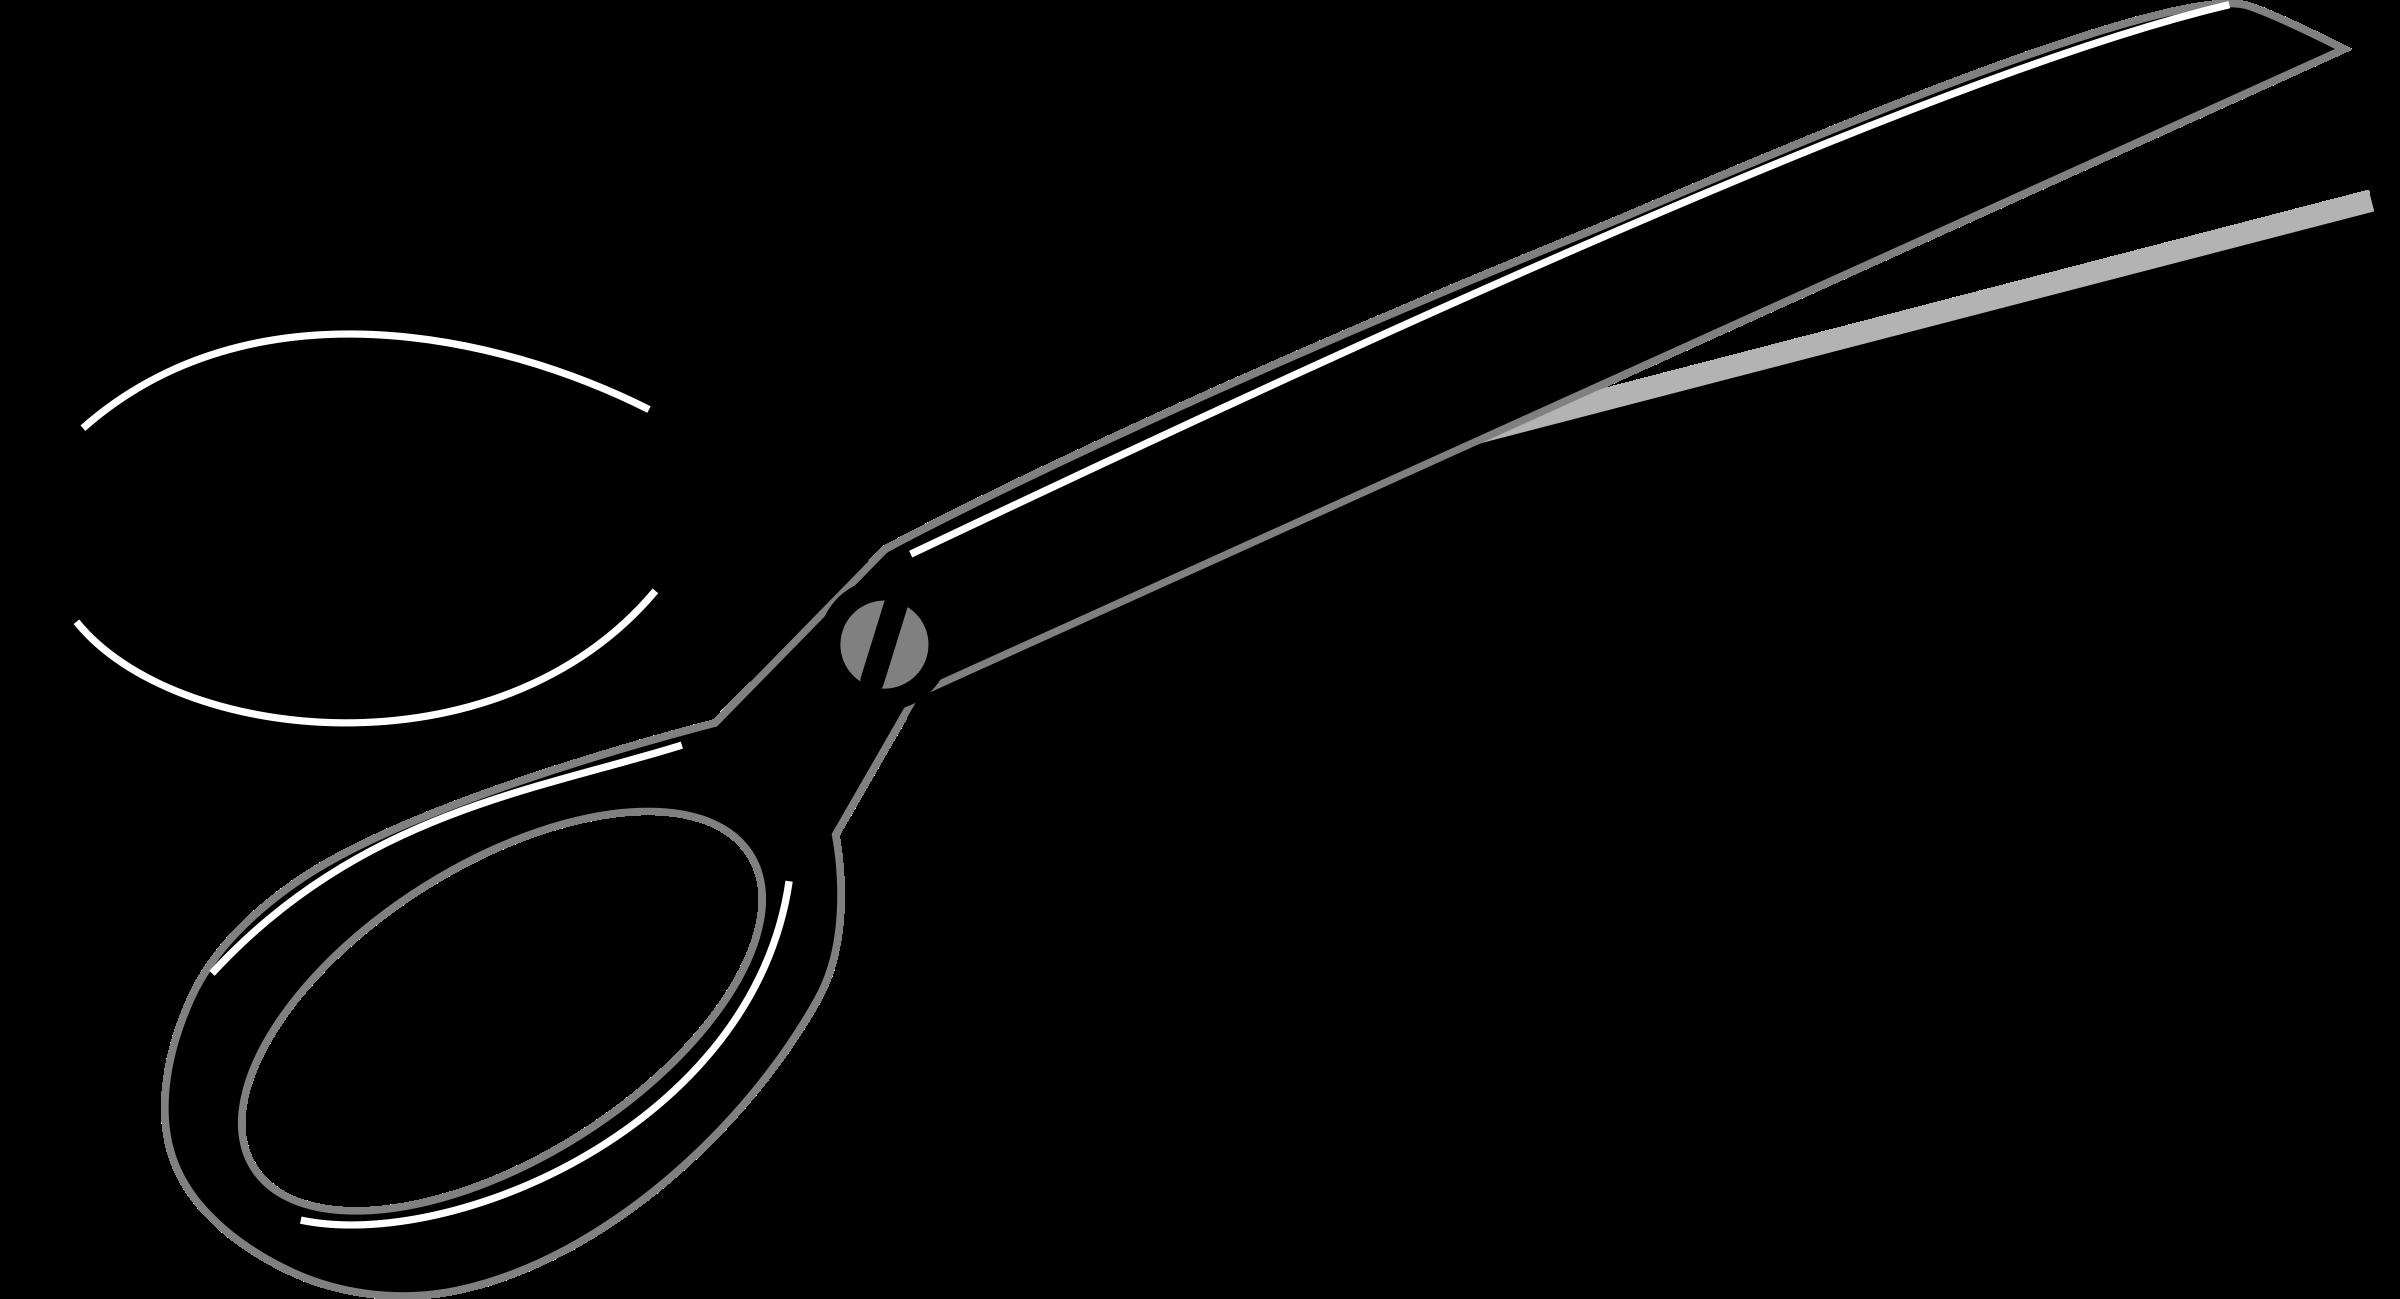 2400x1299 Scissors Clip Art 2